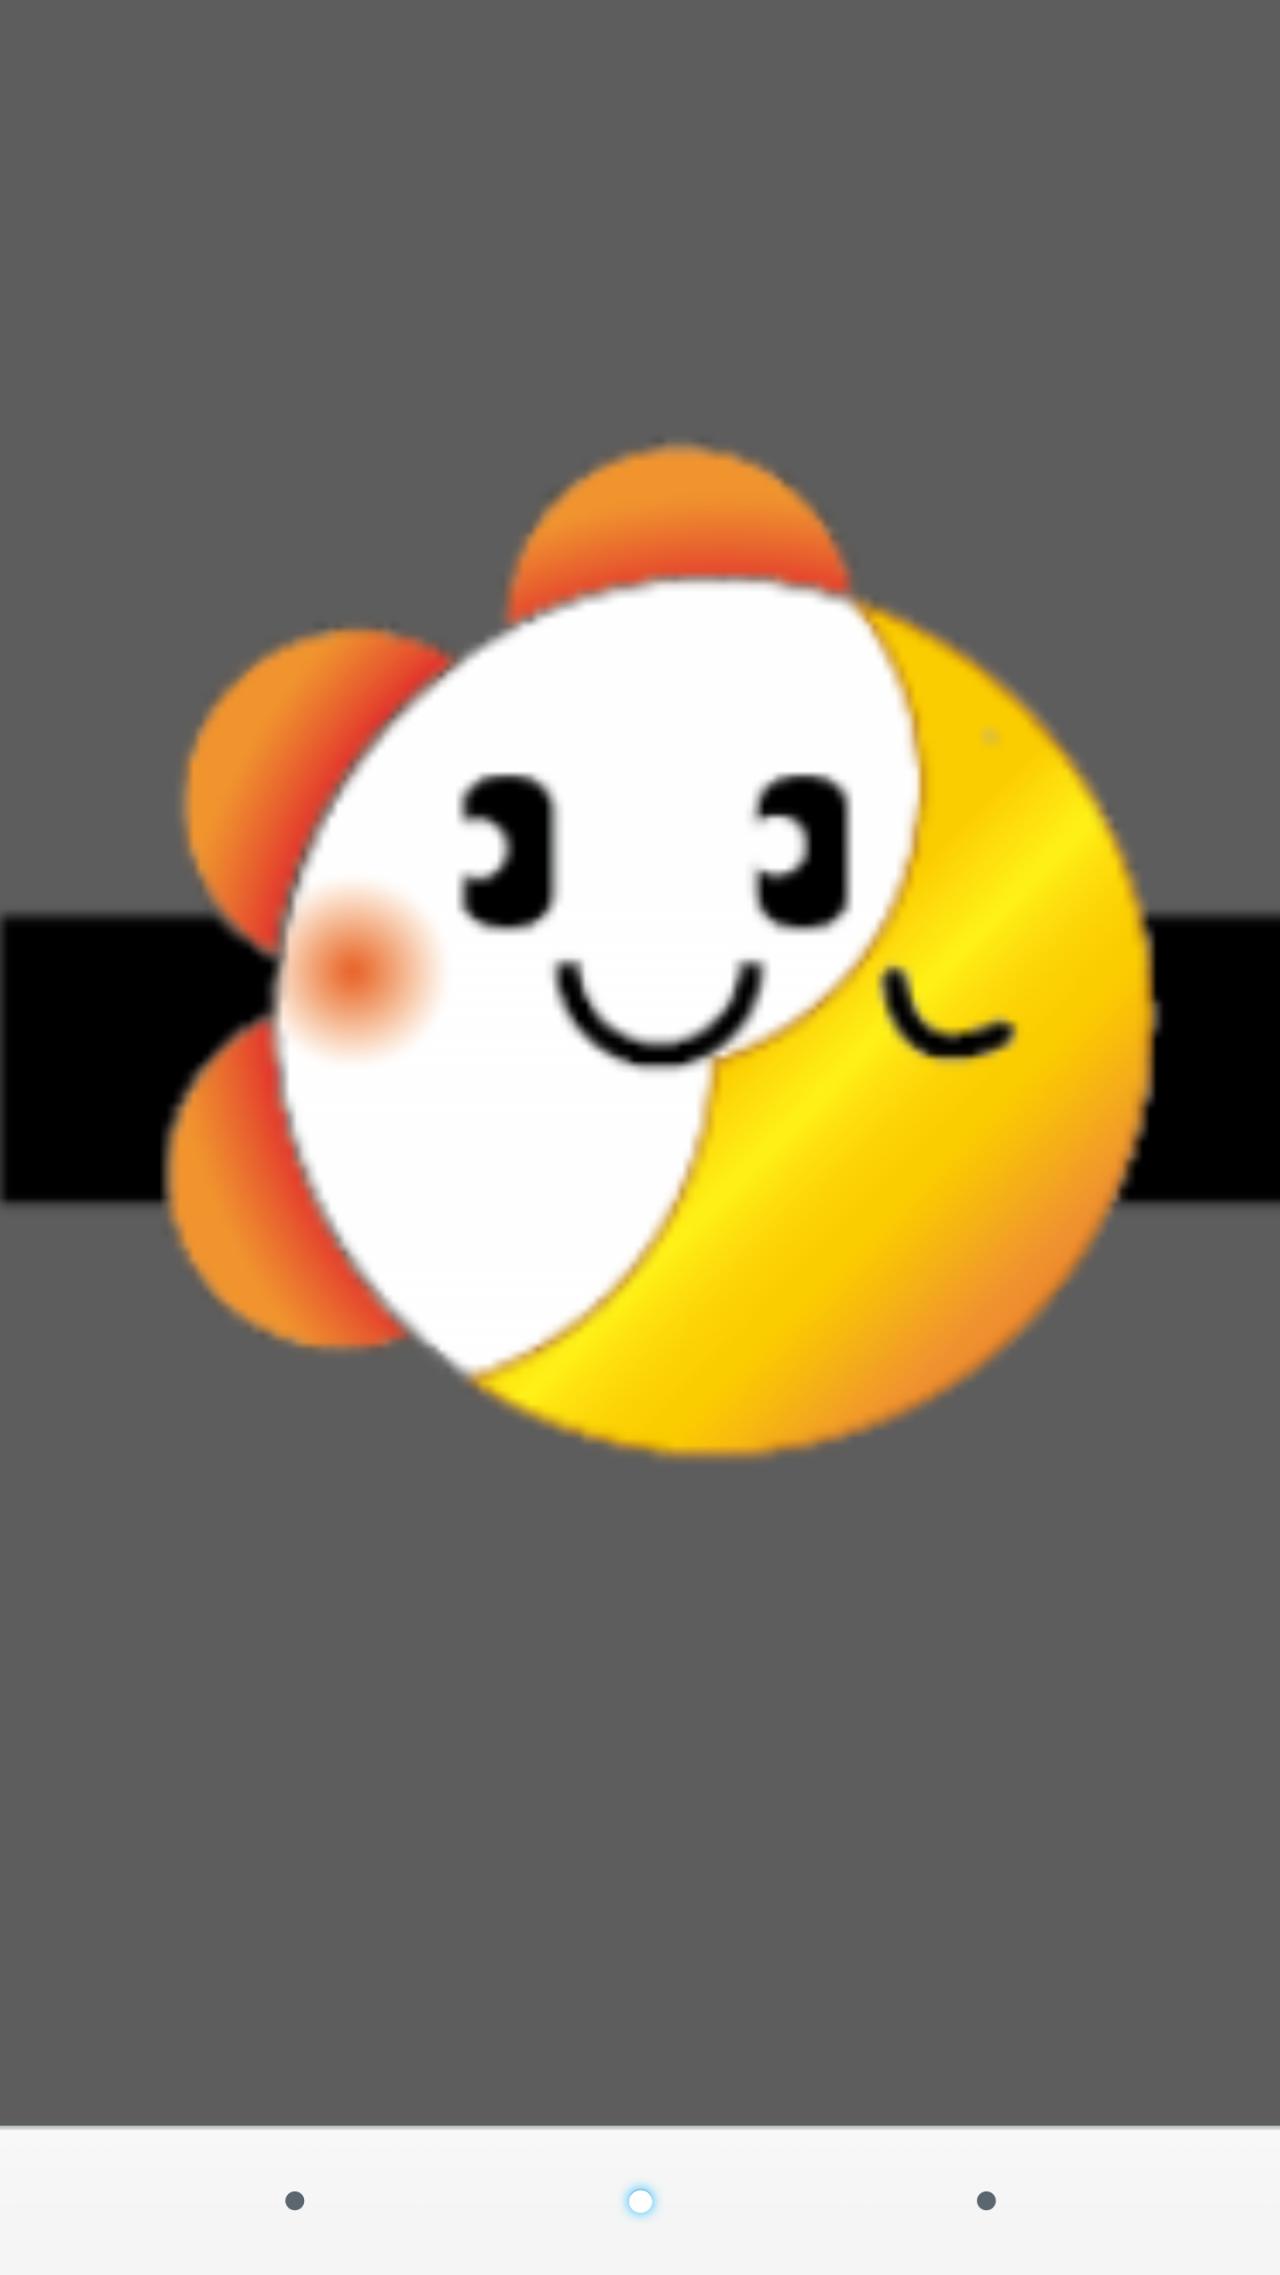 자동스탬프의 명품! '트로닷스탬프'에 오신것을 환영합니다~^^